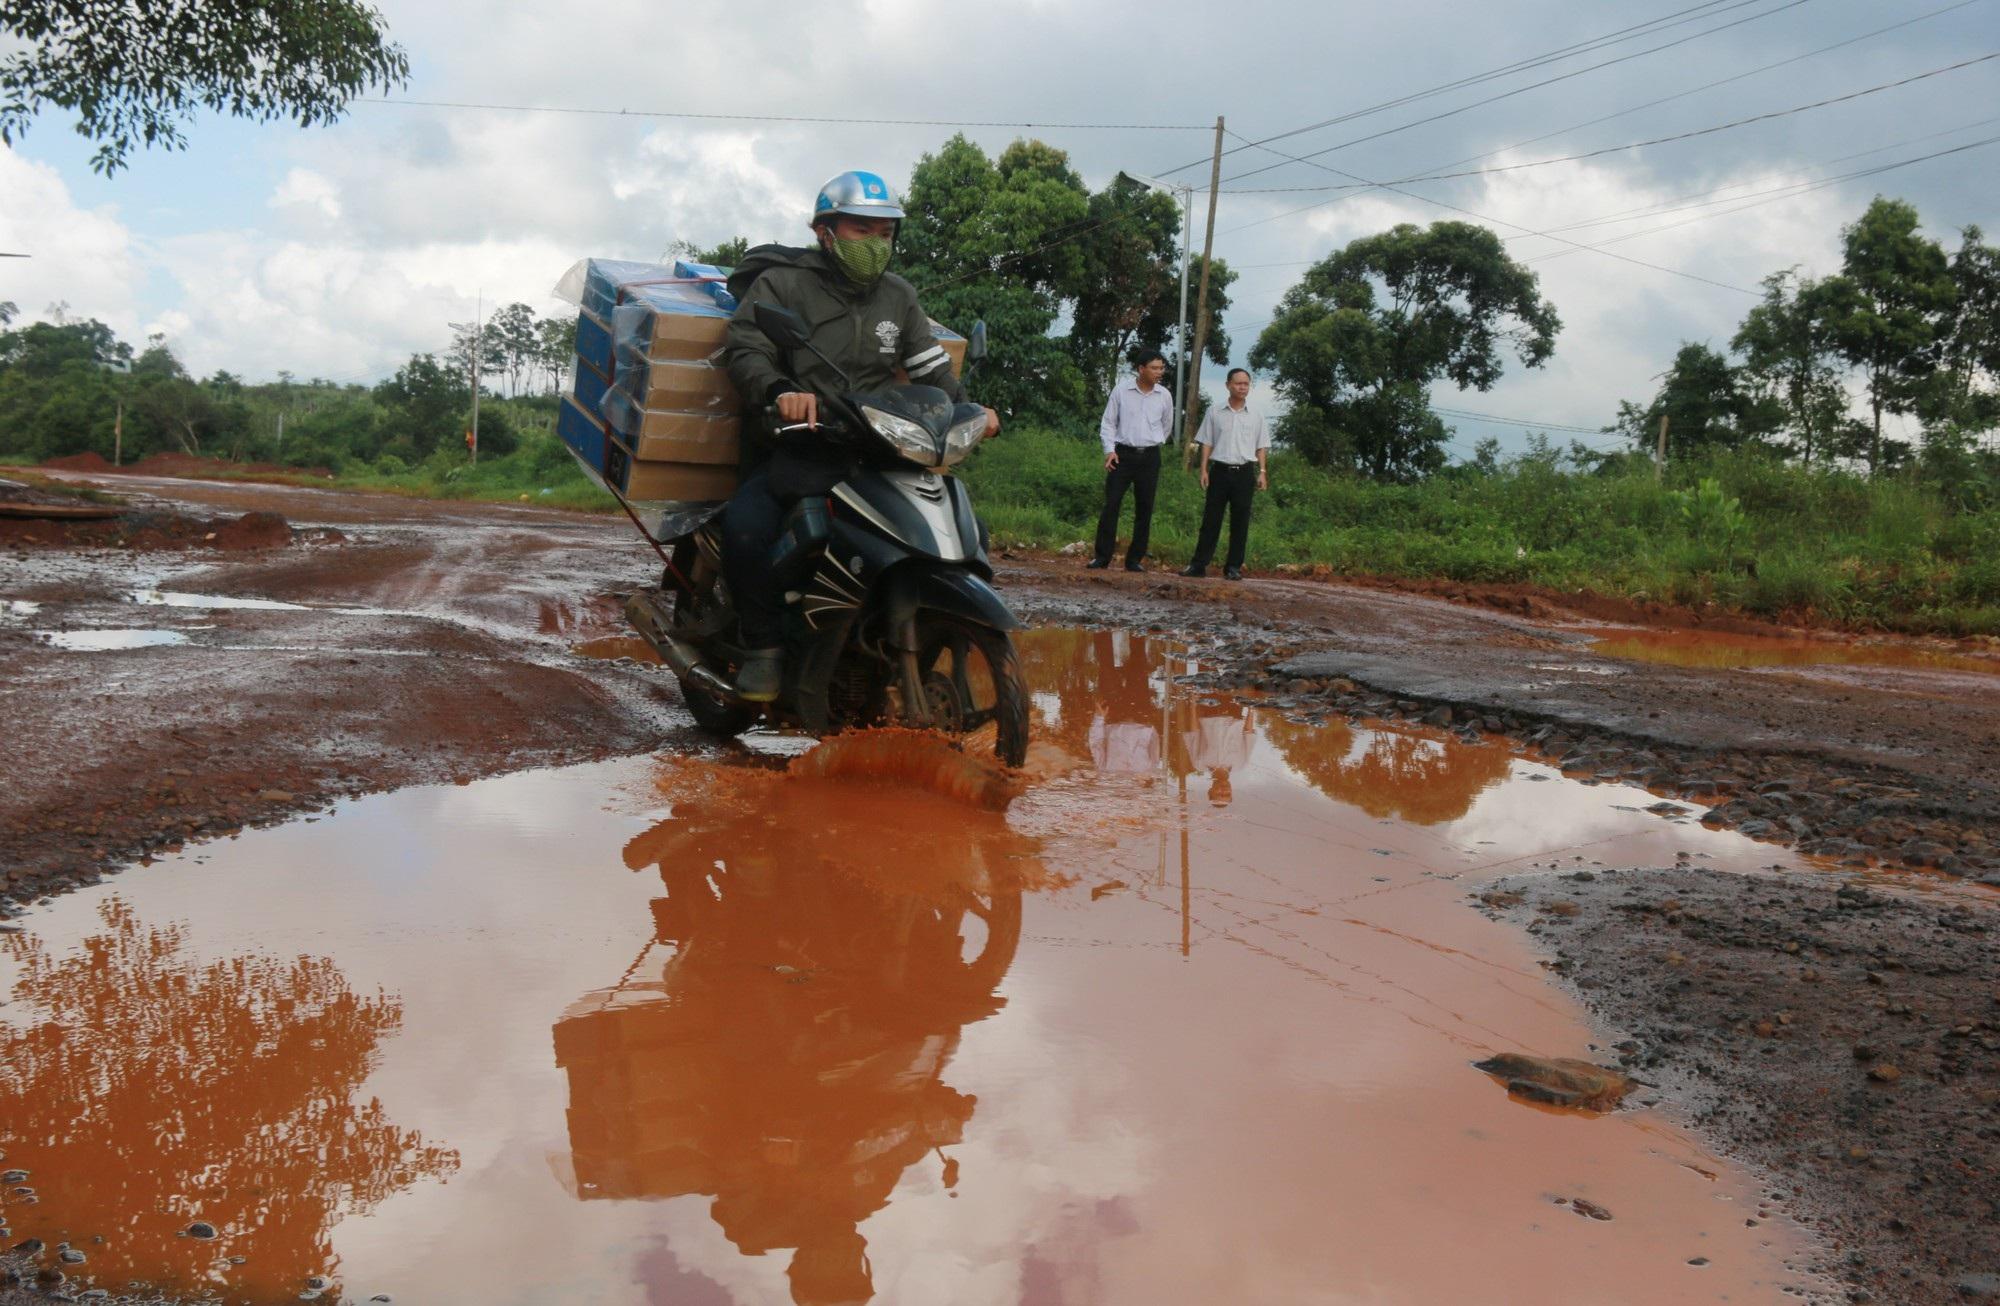 Hàng ngàn ổ trâu ổ voi nằm chằng chịt trên đường